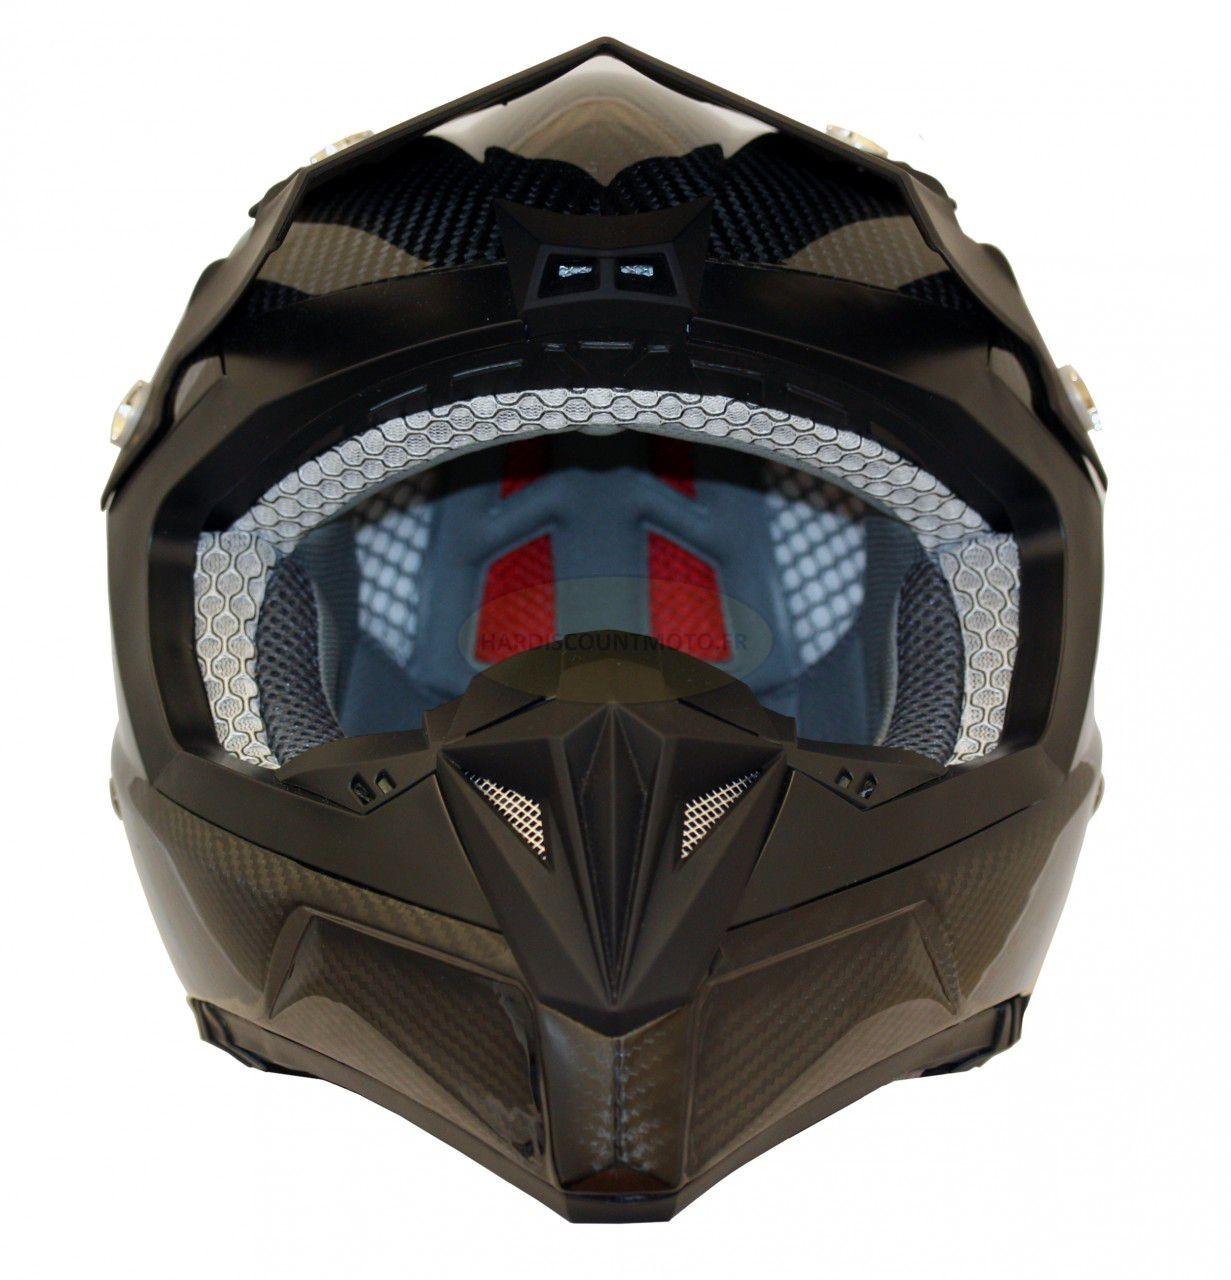 Casque Moto Cross S810 Carbone - Image 5